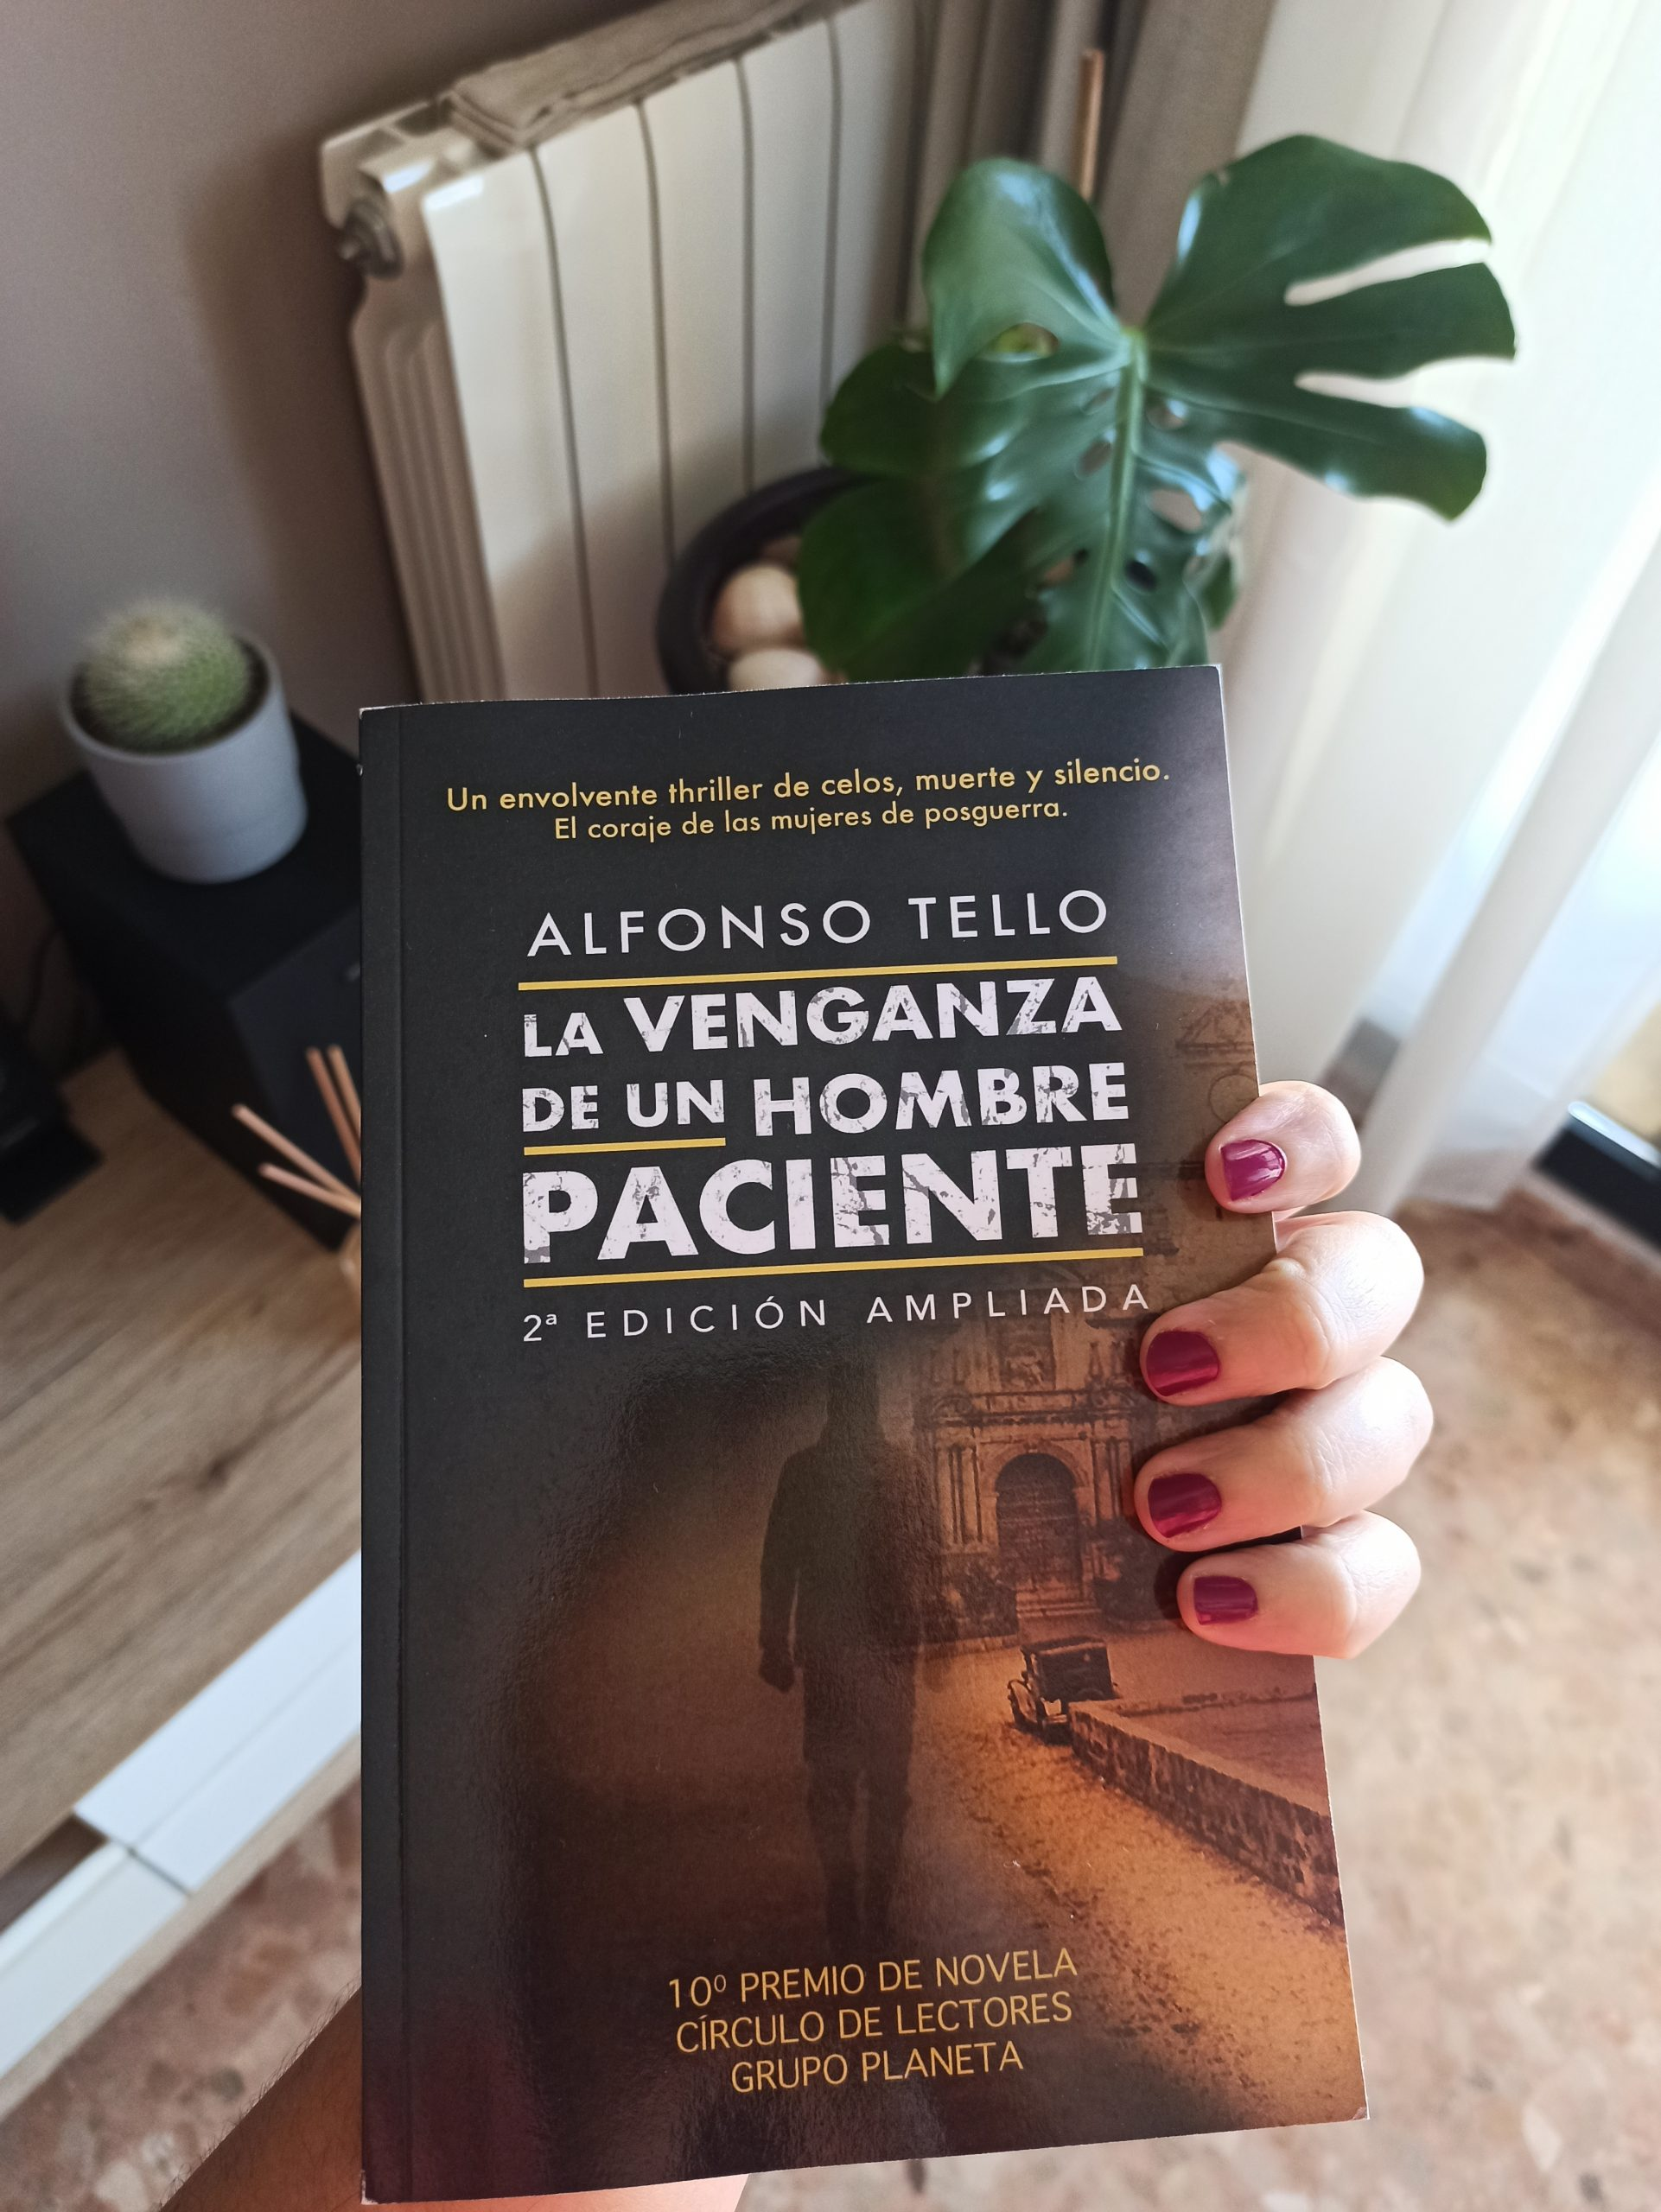 LA VENGANZA DE UN HOMBRE PACIENTE, de Alfonso Tello.